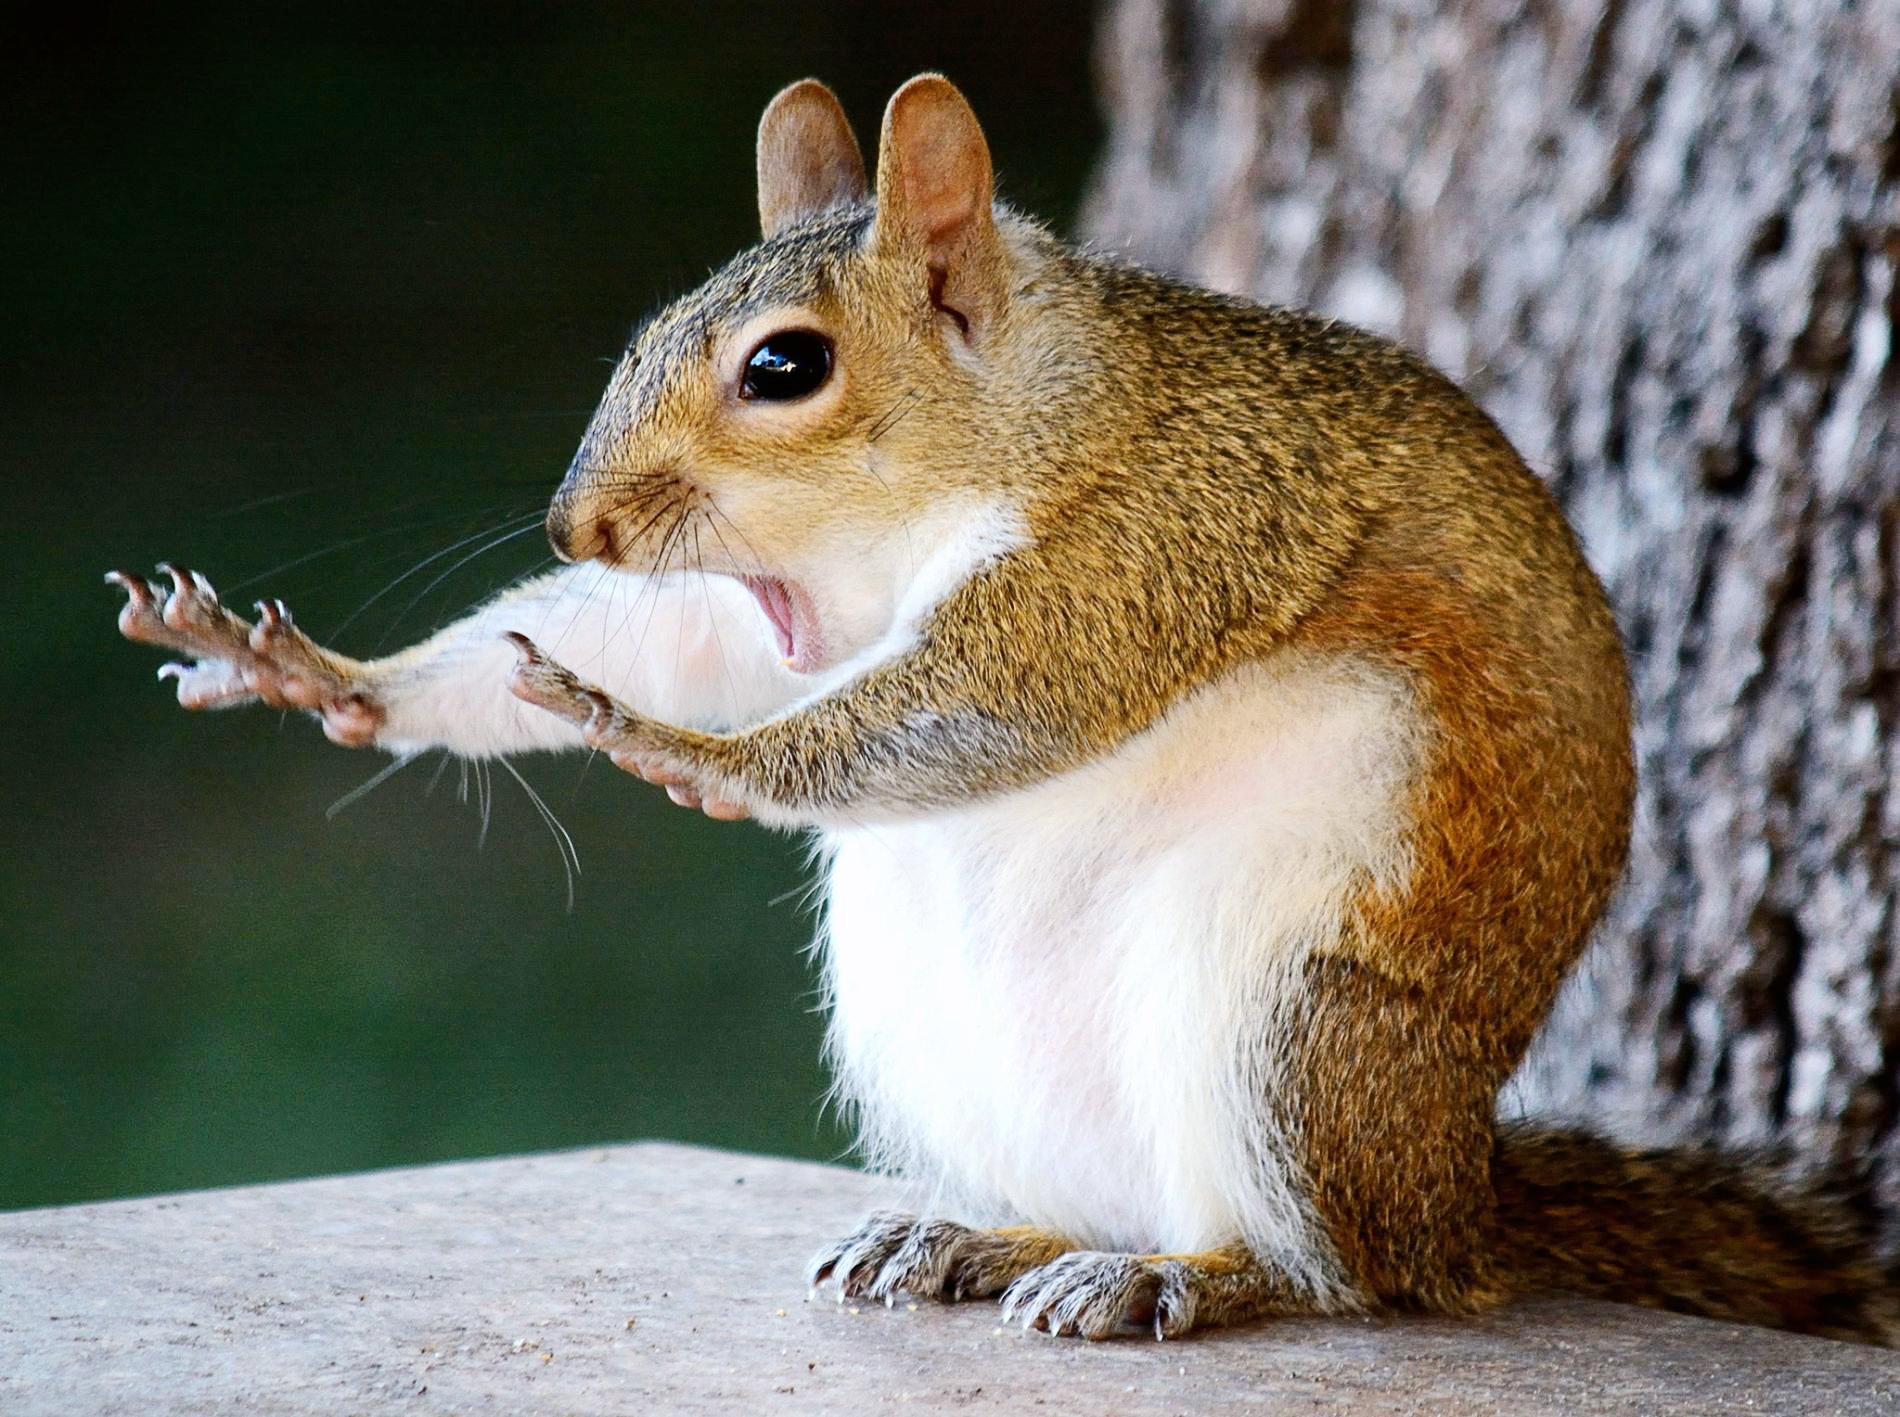 трудно сот самые прикольные животные в мире фото ингредиентами